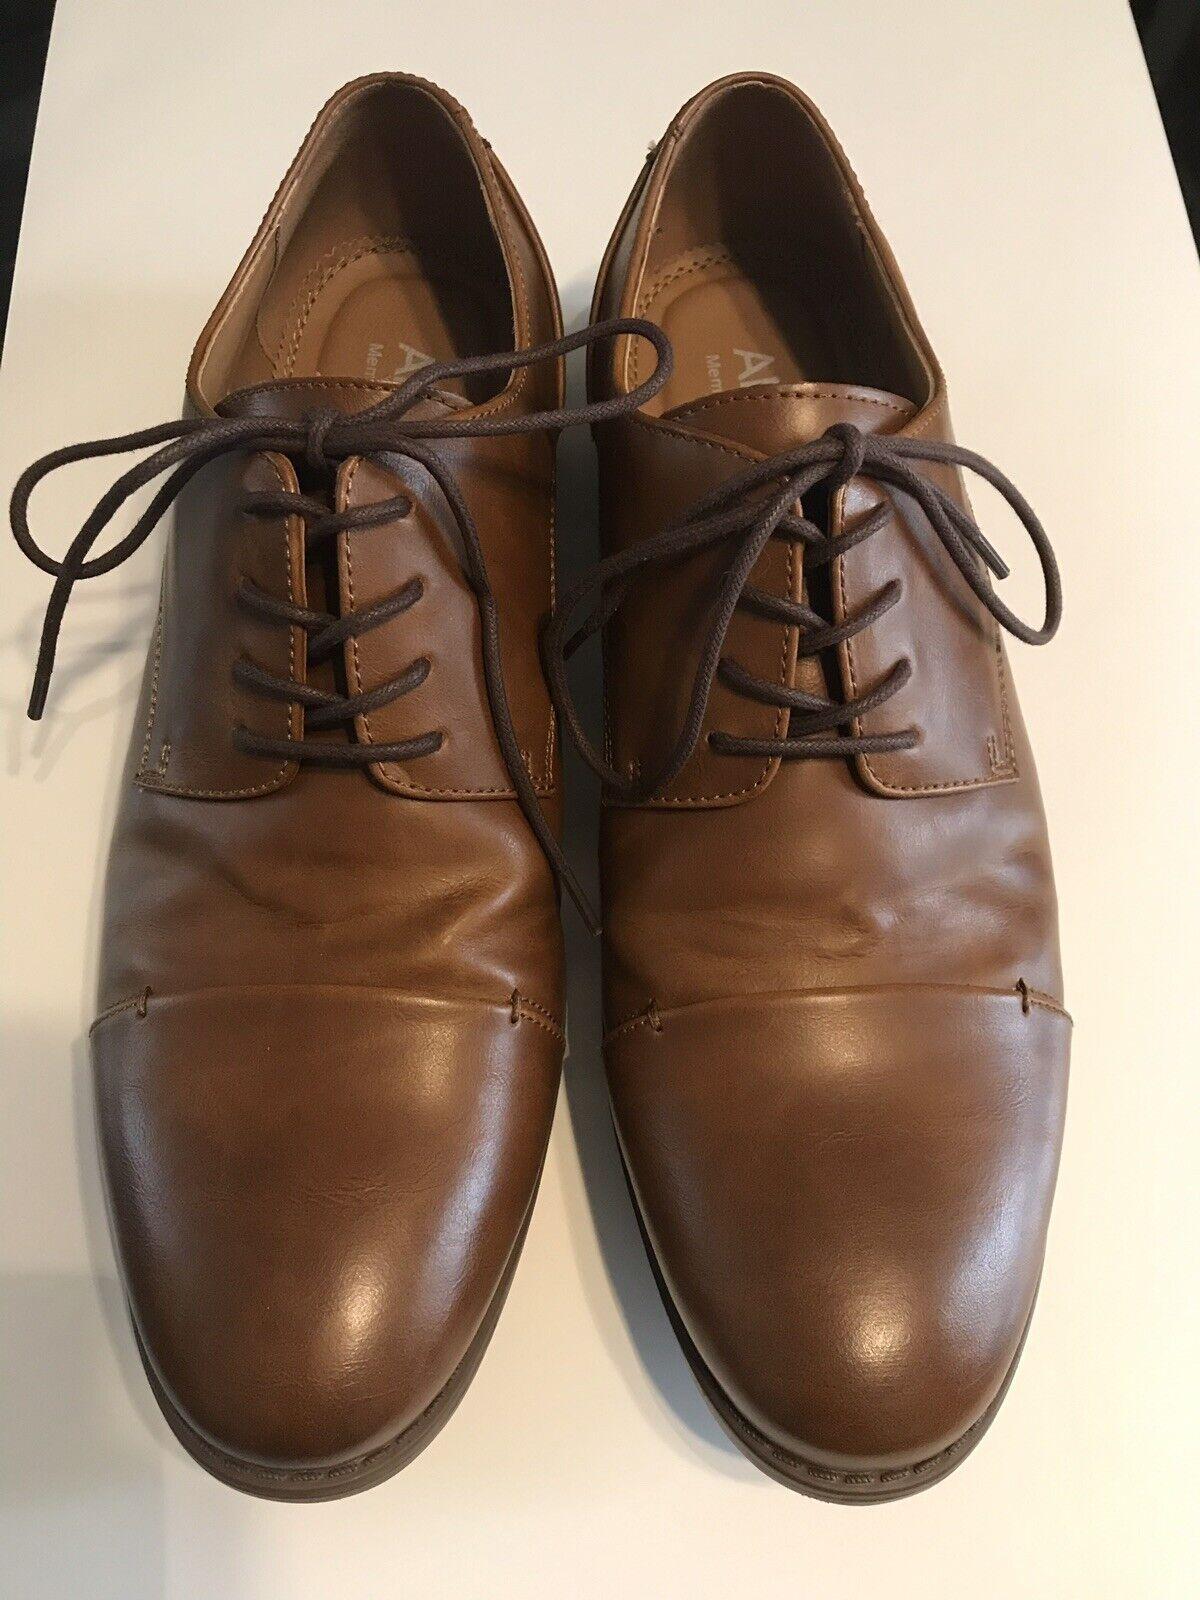 Apt.9 men's brown lace up dress shoes- size 10